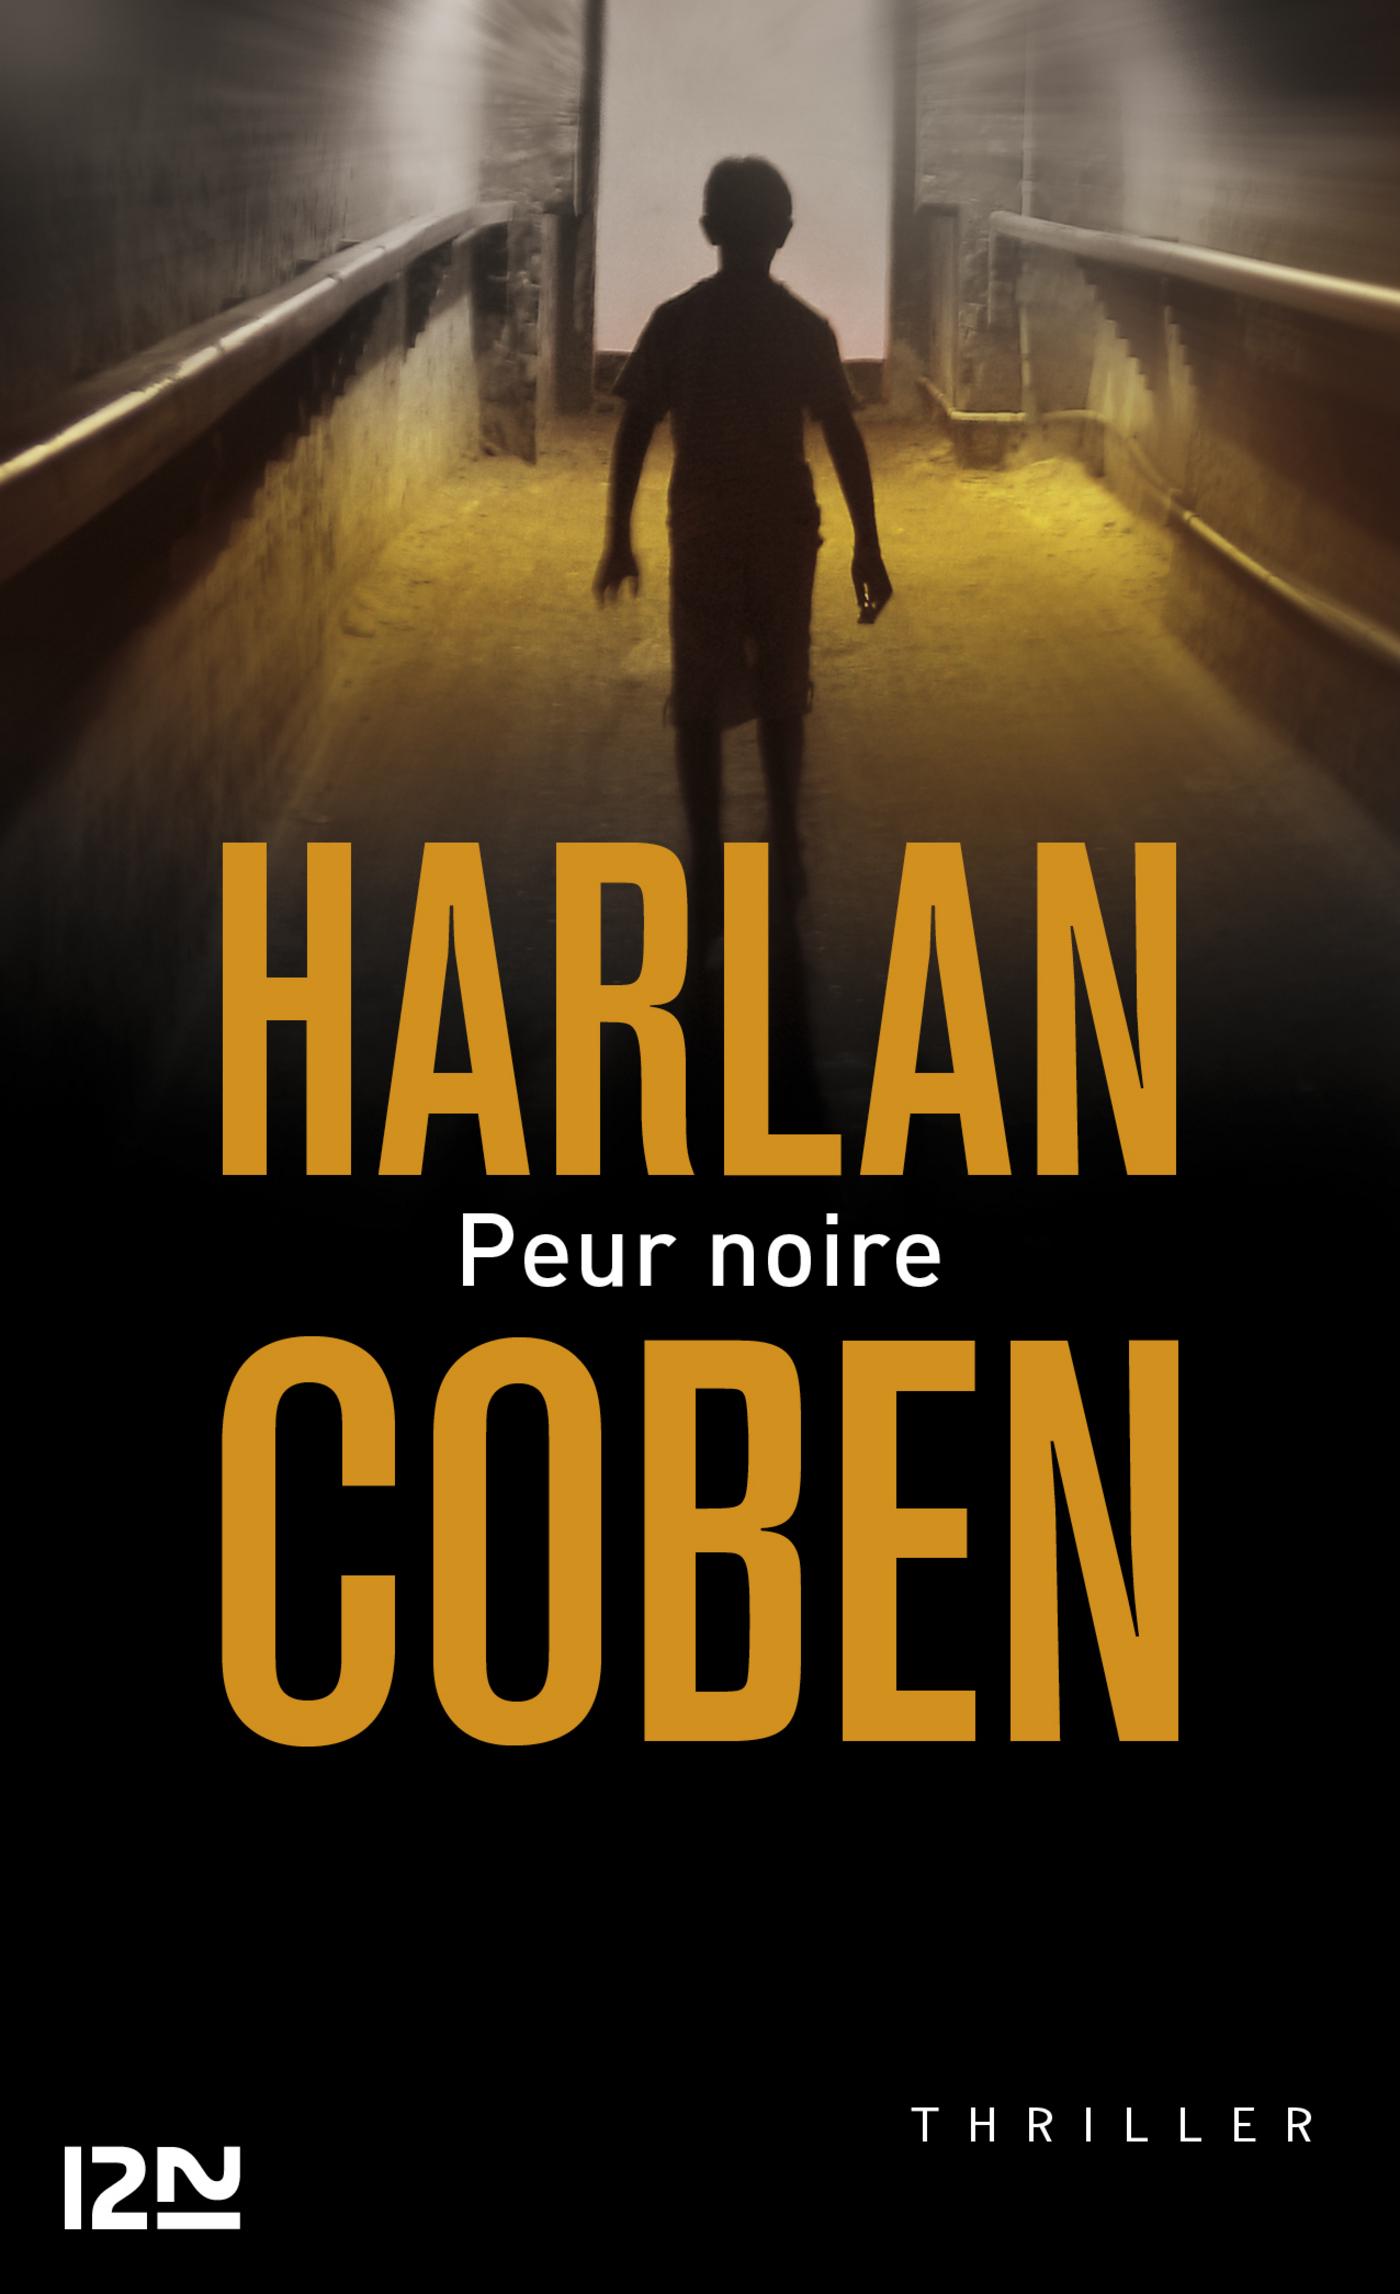 Peur noire | COBEN, Harlan